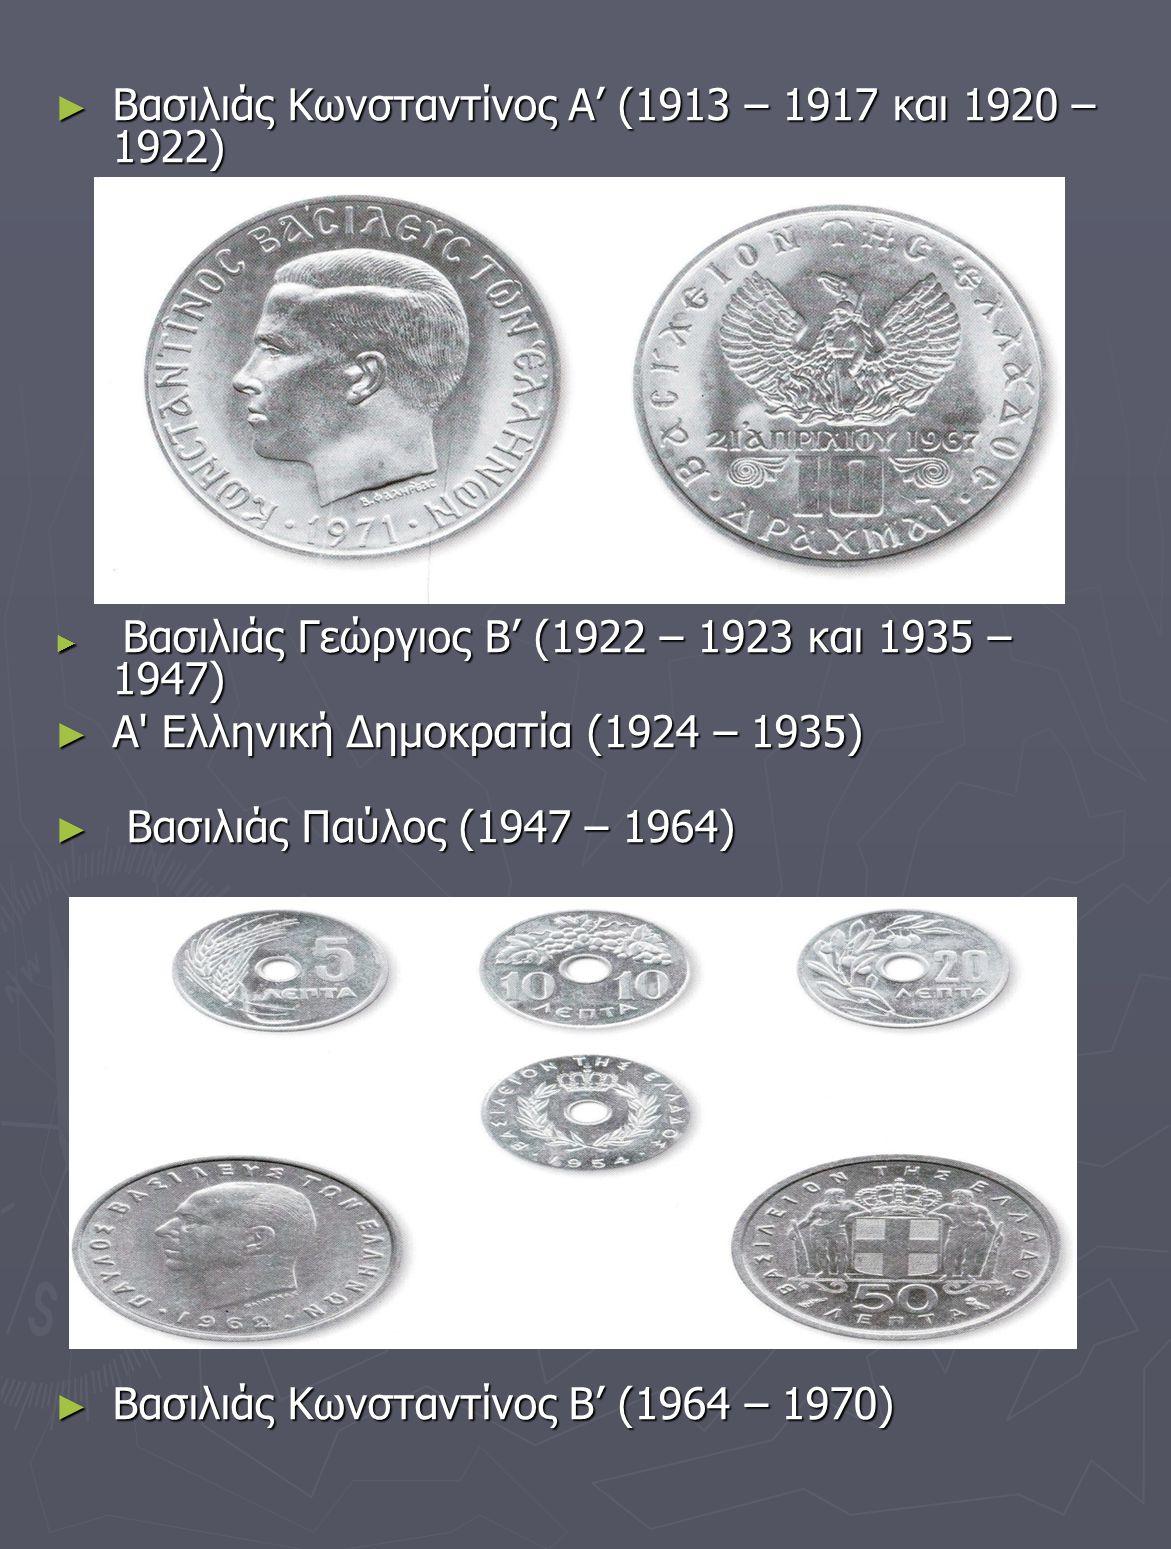 ΤΑ ΕΛΛΗΝΙΚΑ ΚΕΡΜΑΤΑ ΤΟΥ ΕΥΡΩ ► Τα ελληνικά κέρματα ευρώ απεικονίζουν από ένα μοναδικό σχέδιο για κέρμα.